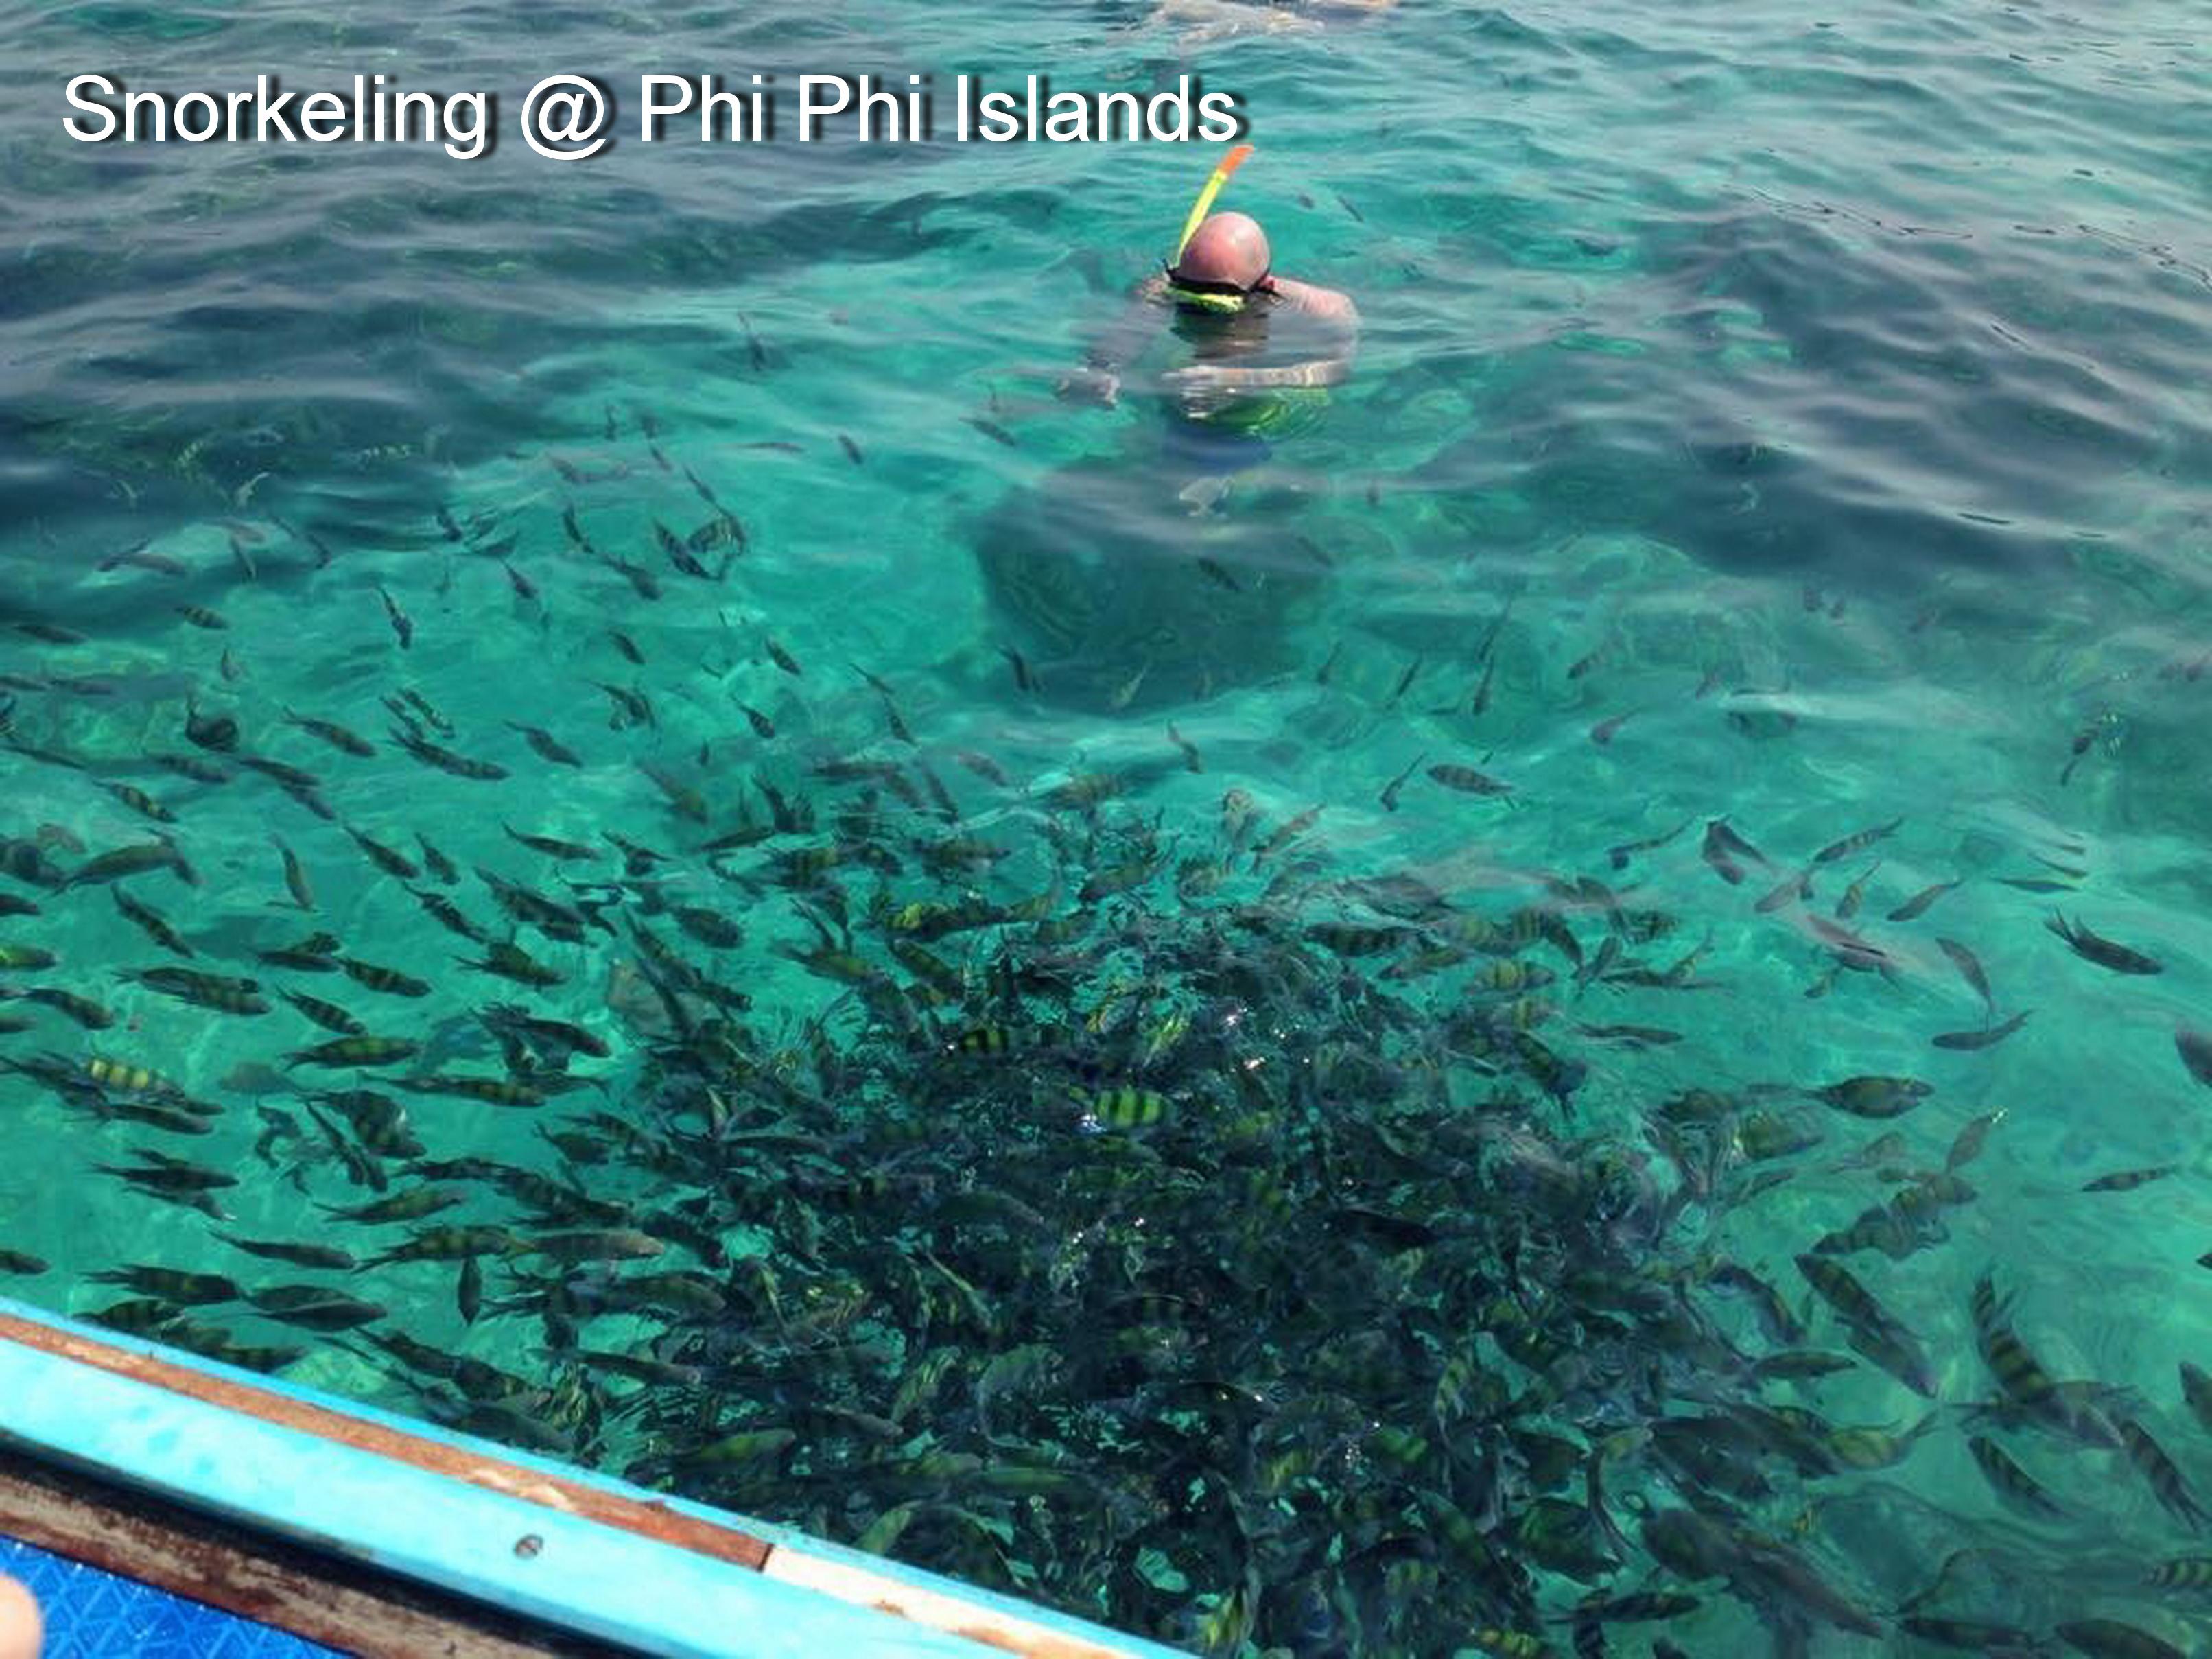 Snorkeling @ Phi Phi Islands